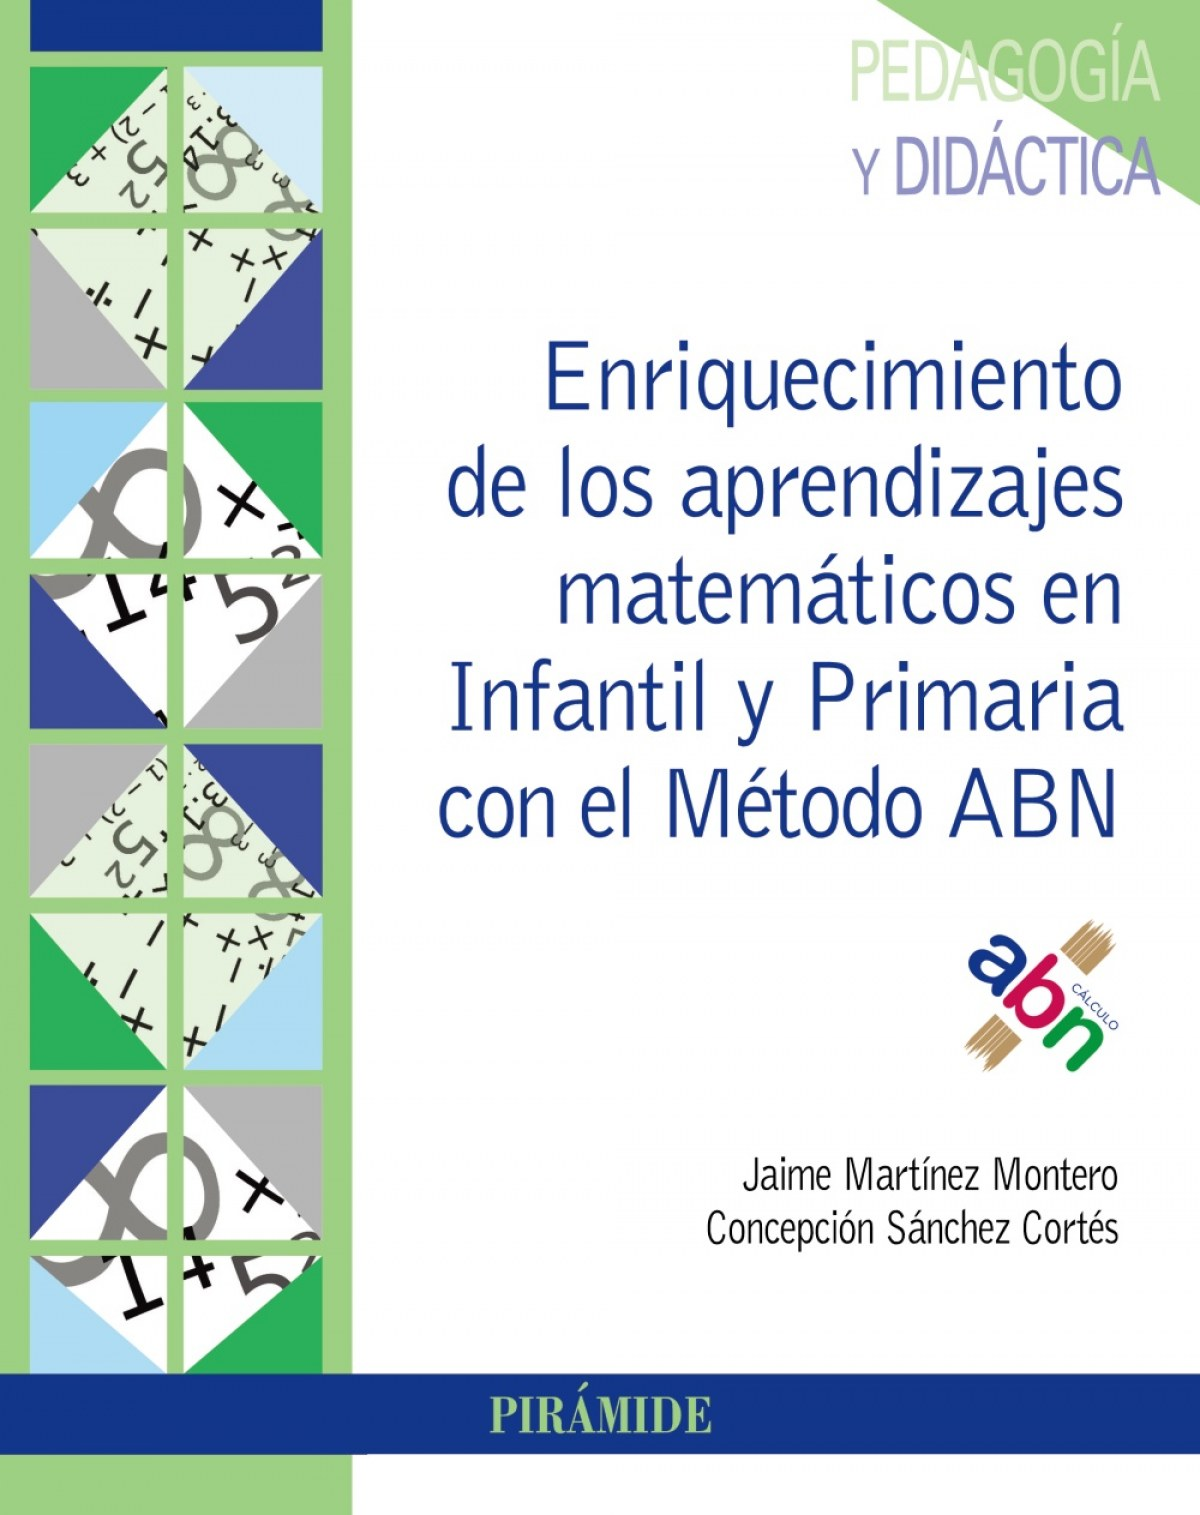 ENRIQUECIMIENTO DE LOS APRENDIZAJES MATEMÁTICOS EN INFANTIL Y PRIMARIA CON EL MÈTODO ABN